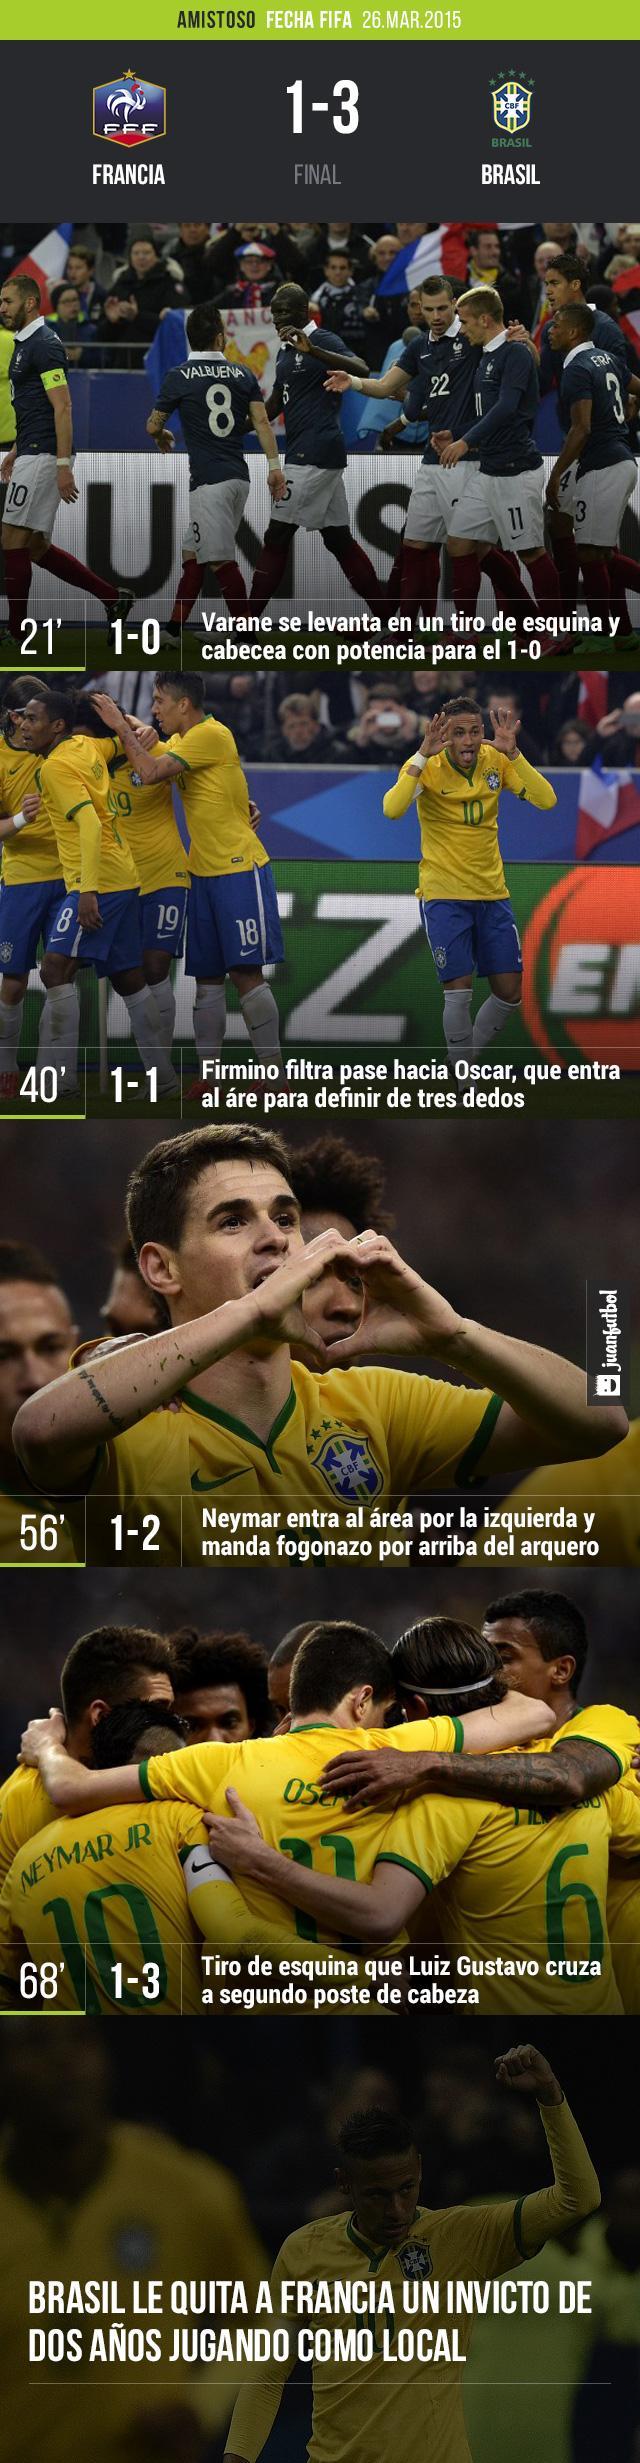 Brasil derrota 3-1 a Francia con goles de Neymar, Oscar y Luiz Gustavo